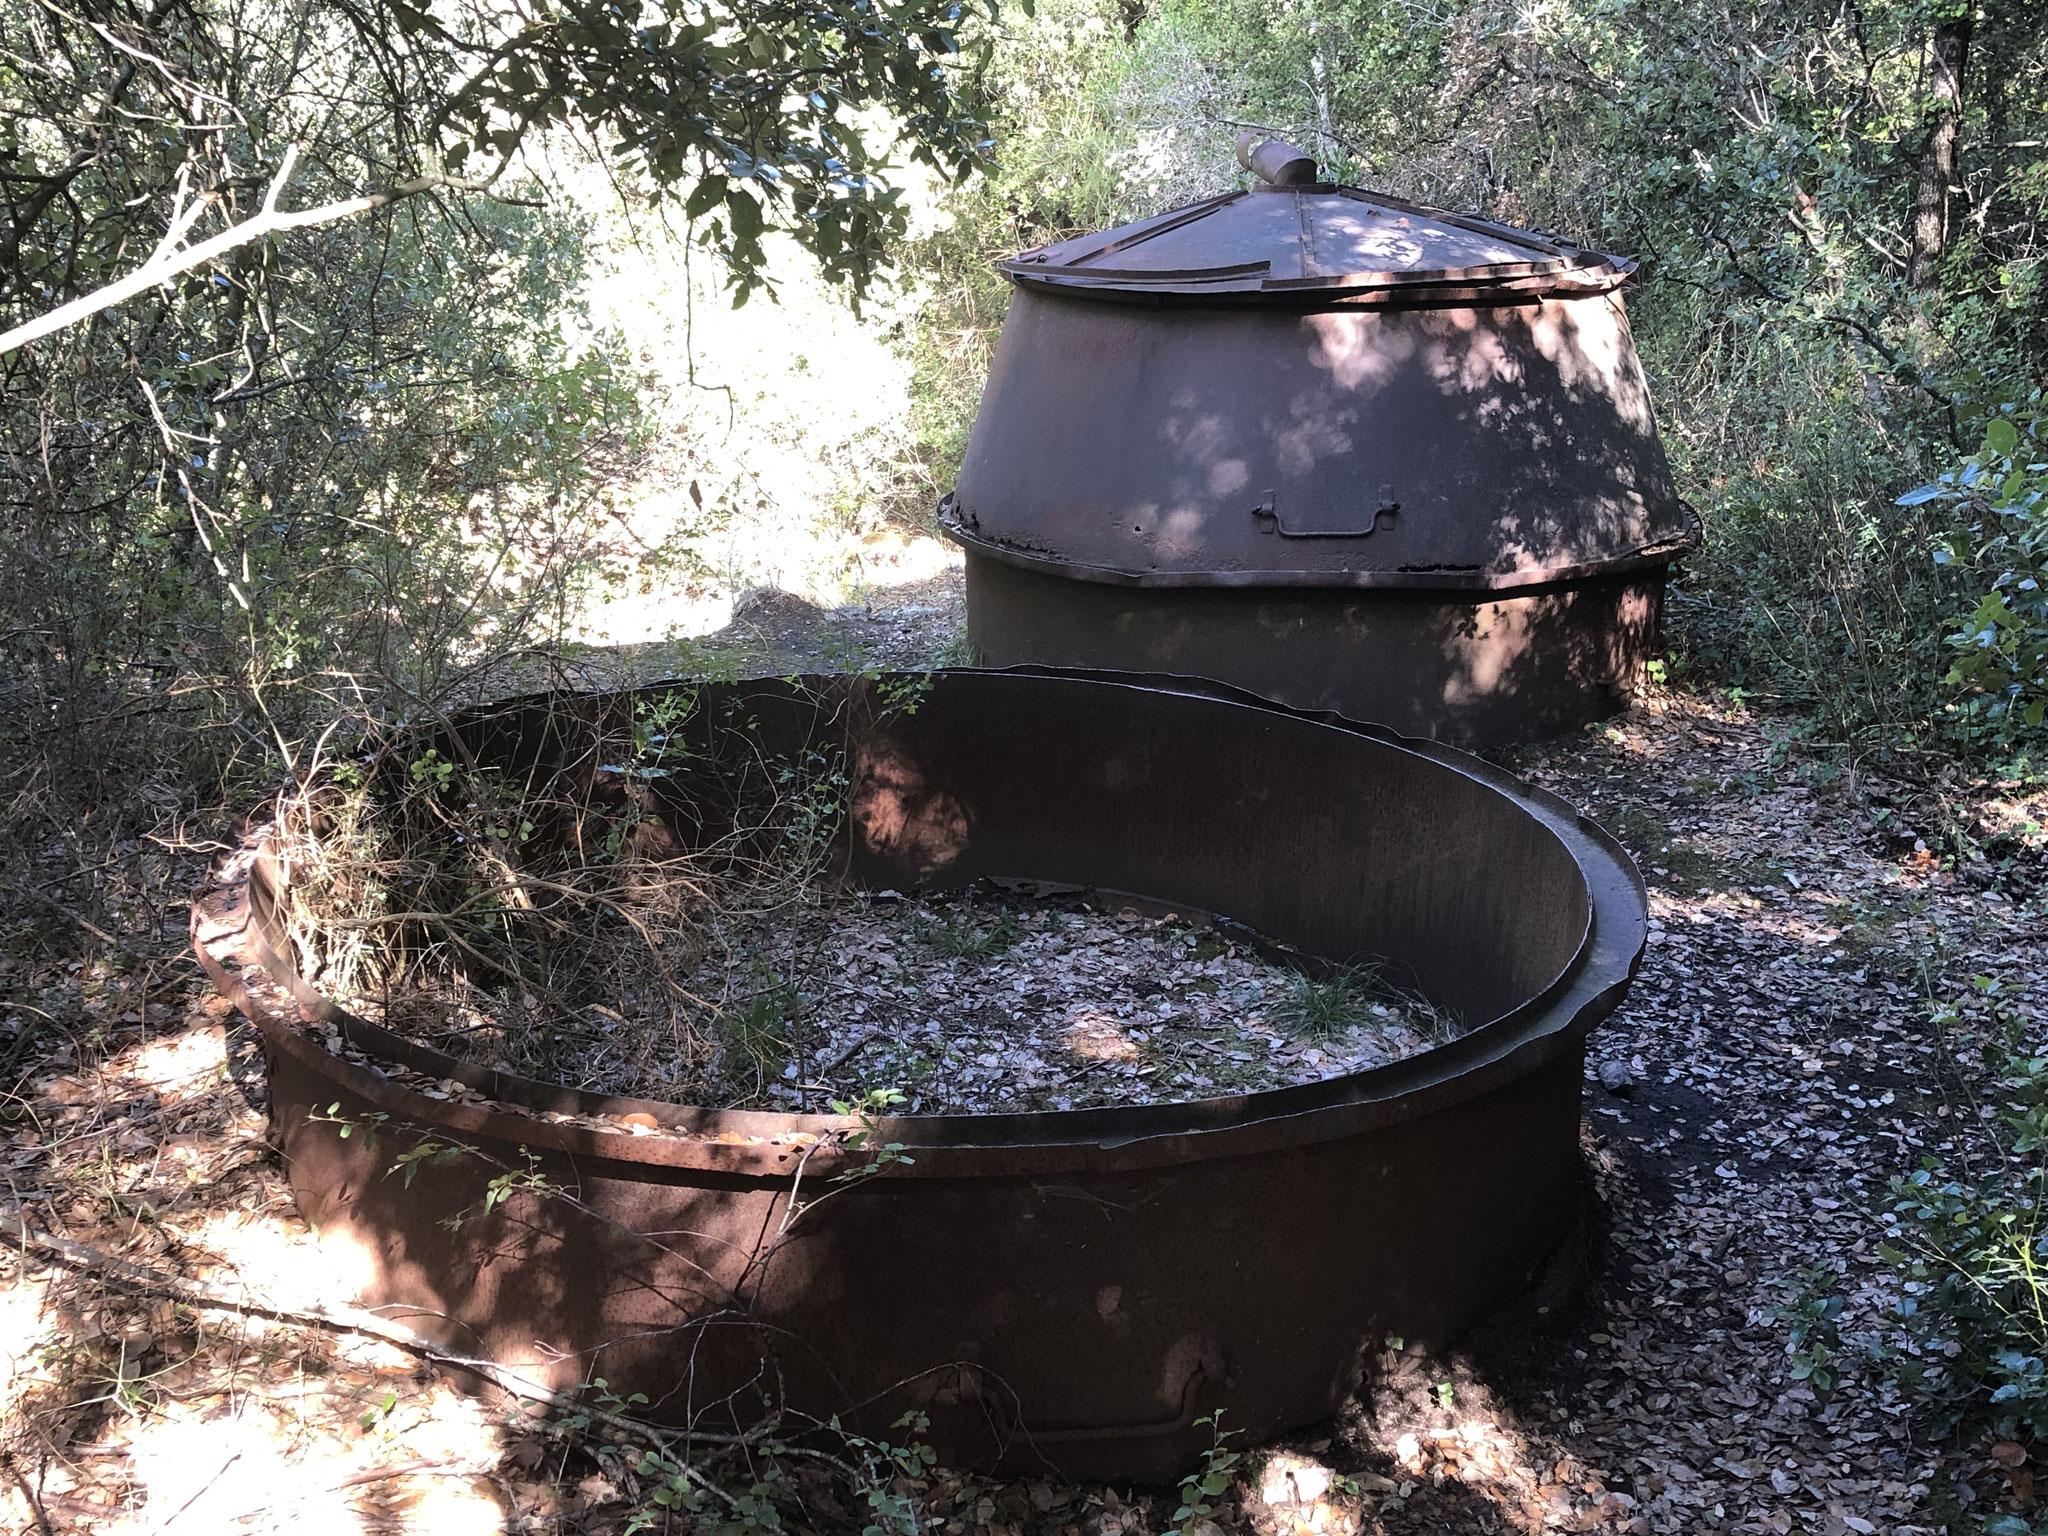 Morceaux d'anciennes charbonnières, fours à charbon de bois, emportées par le courant important